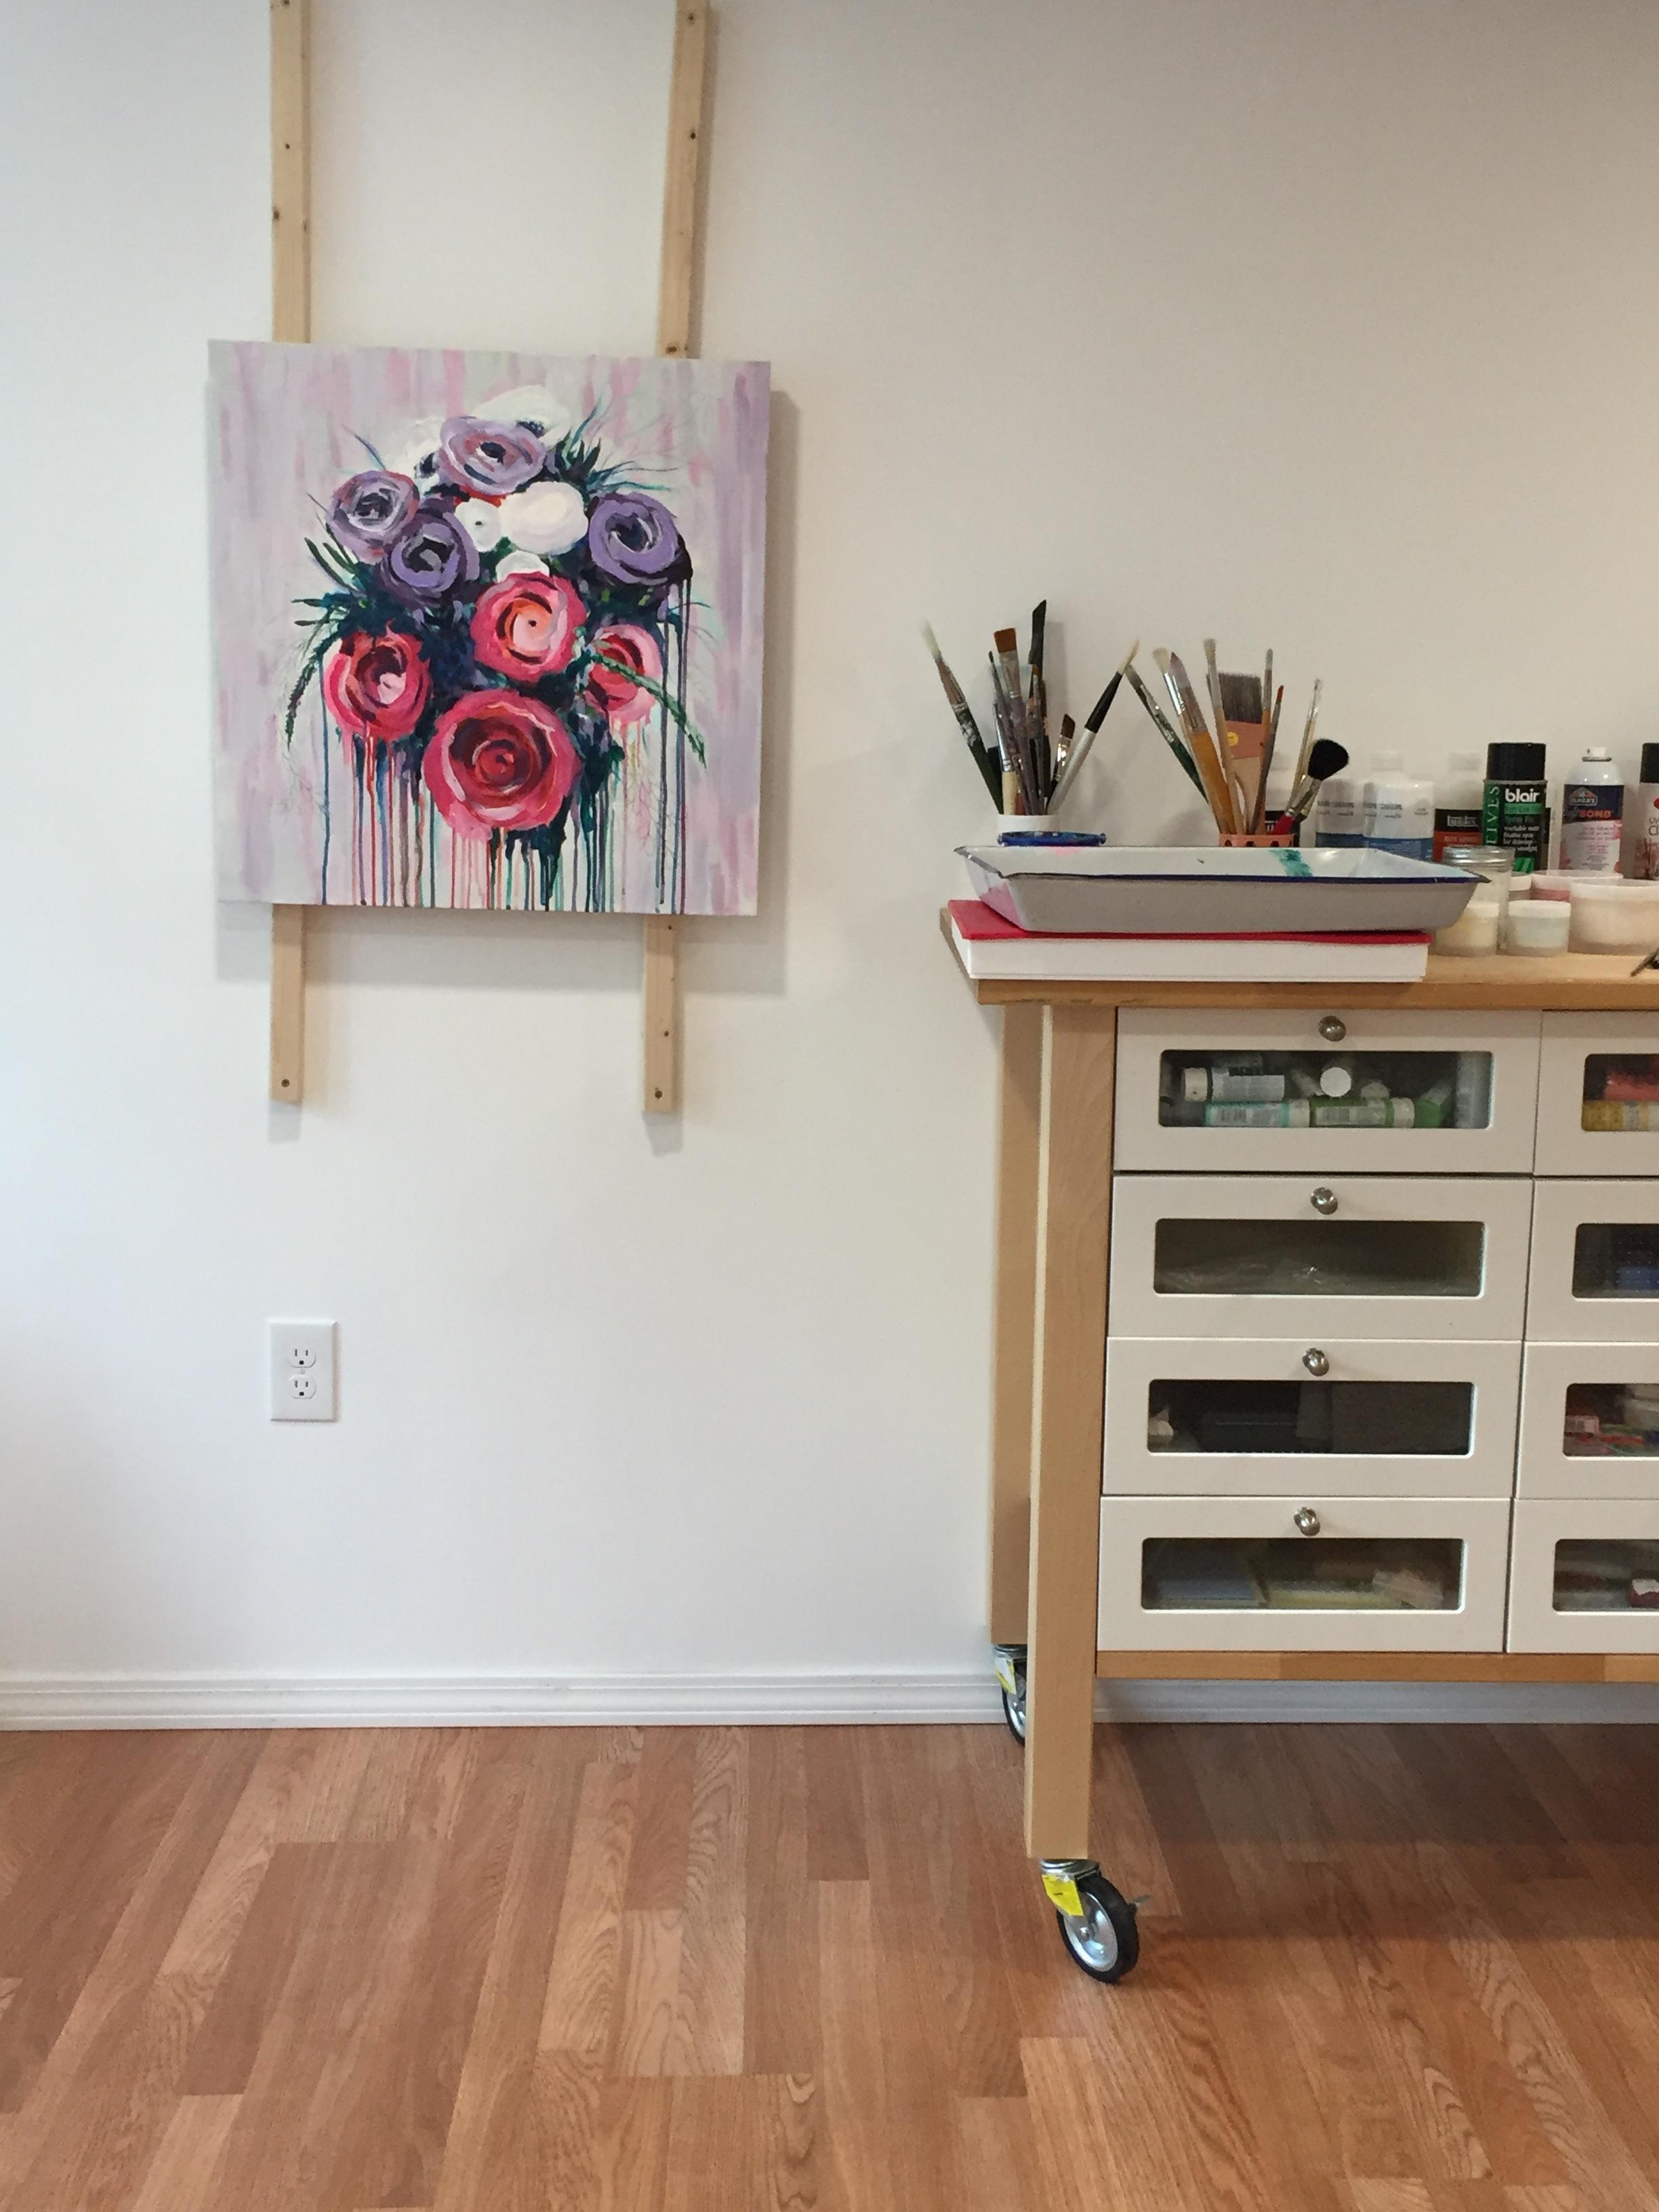 megan carty art studio